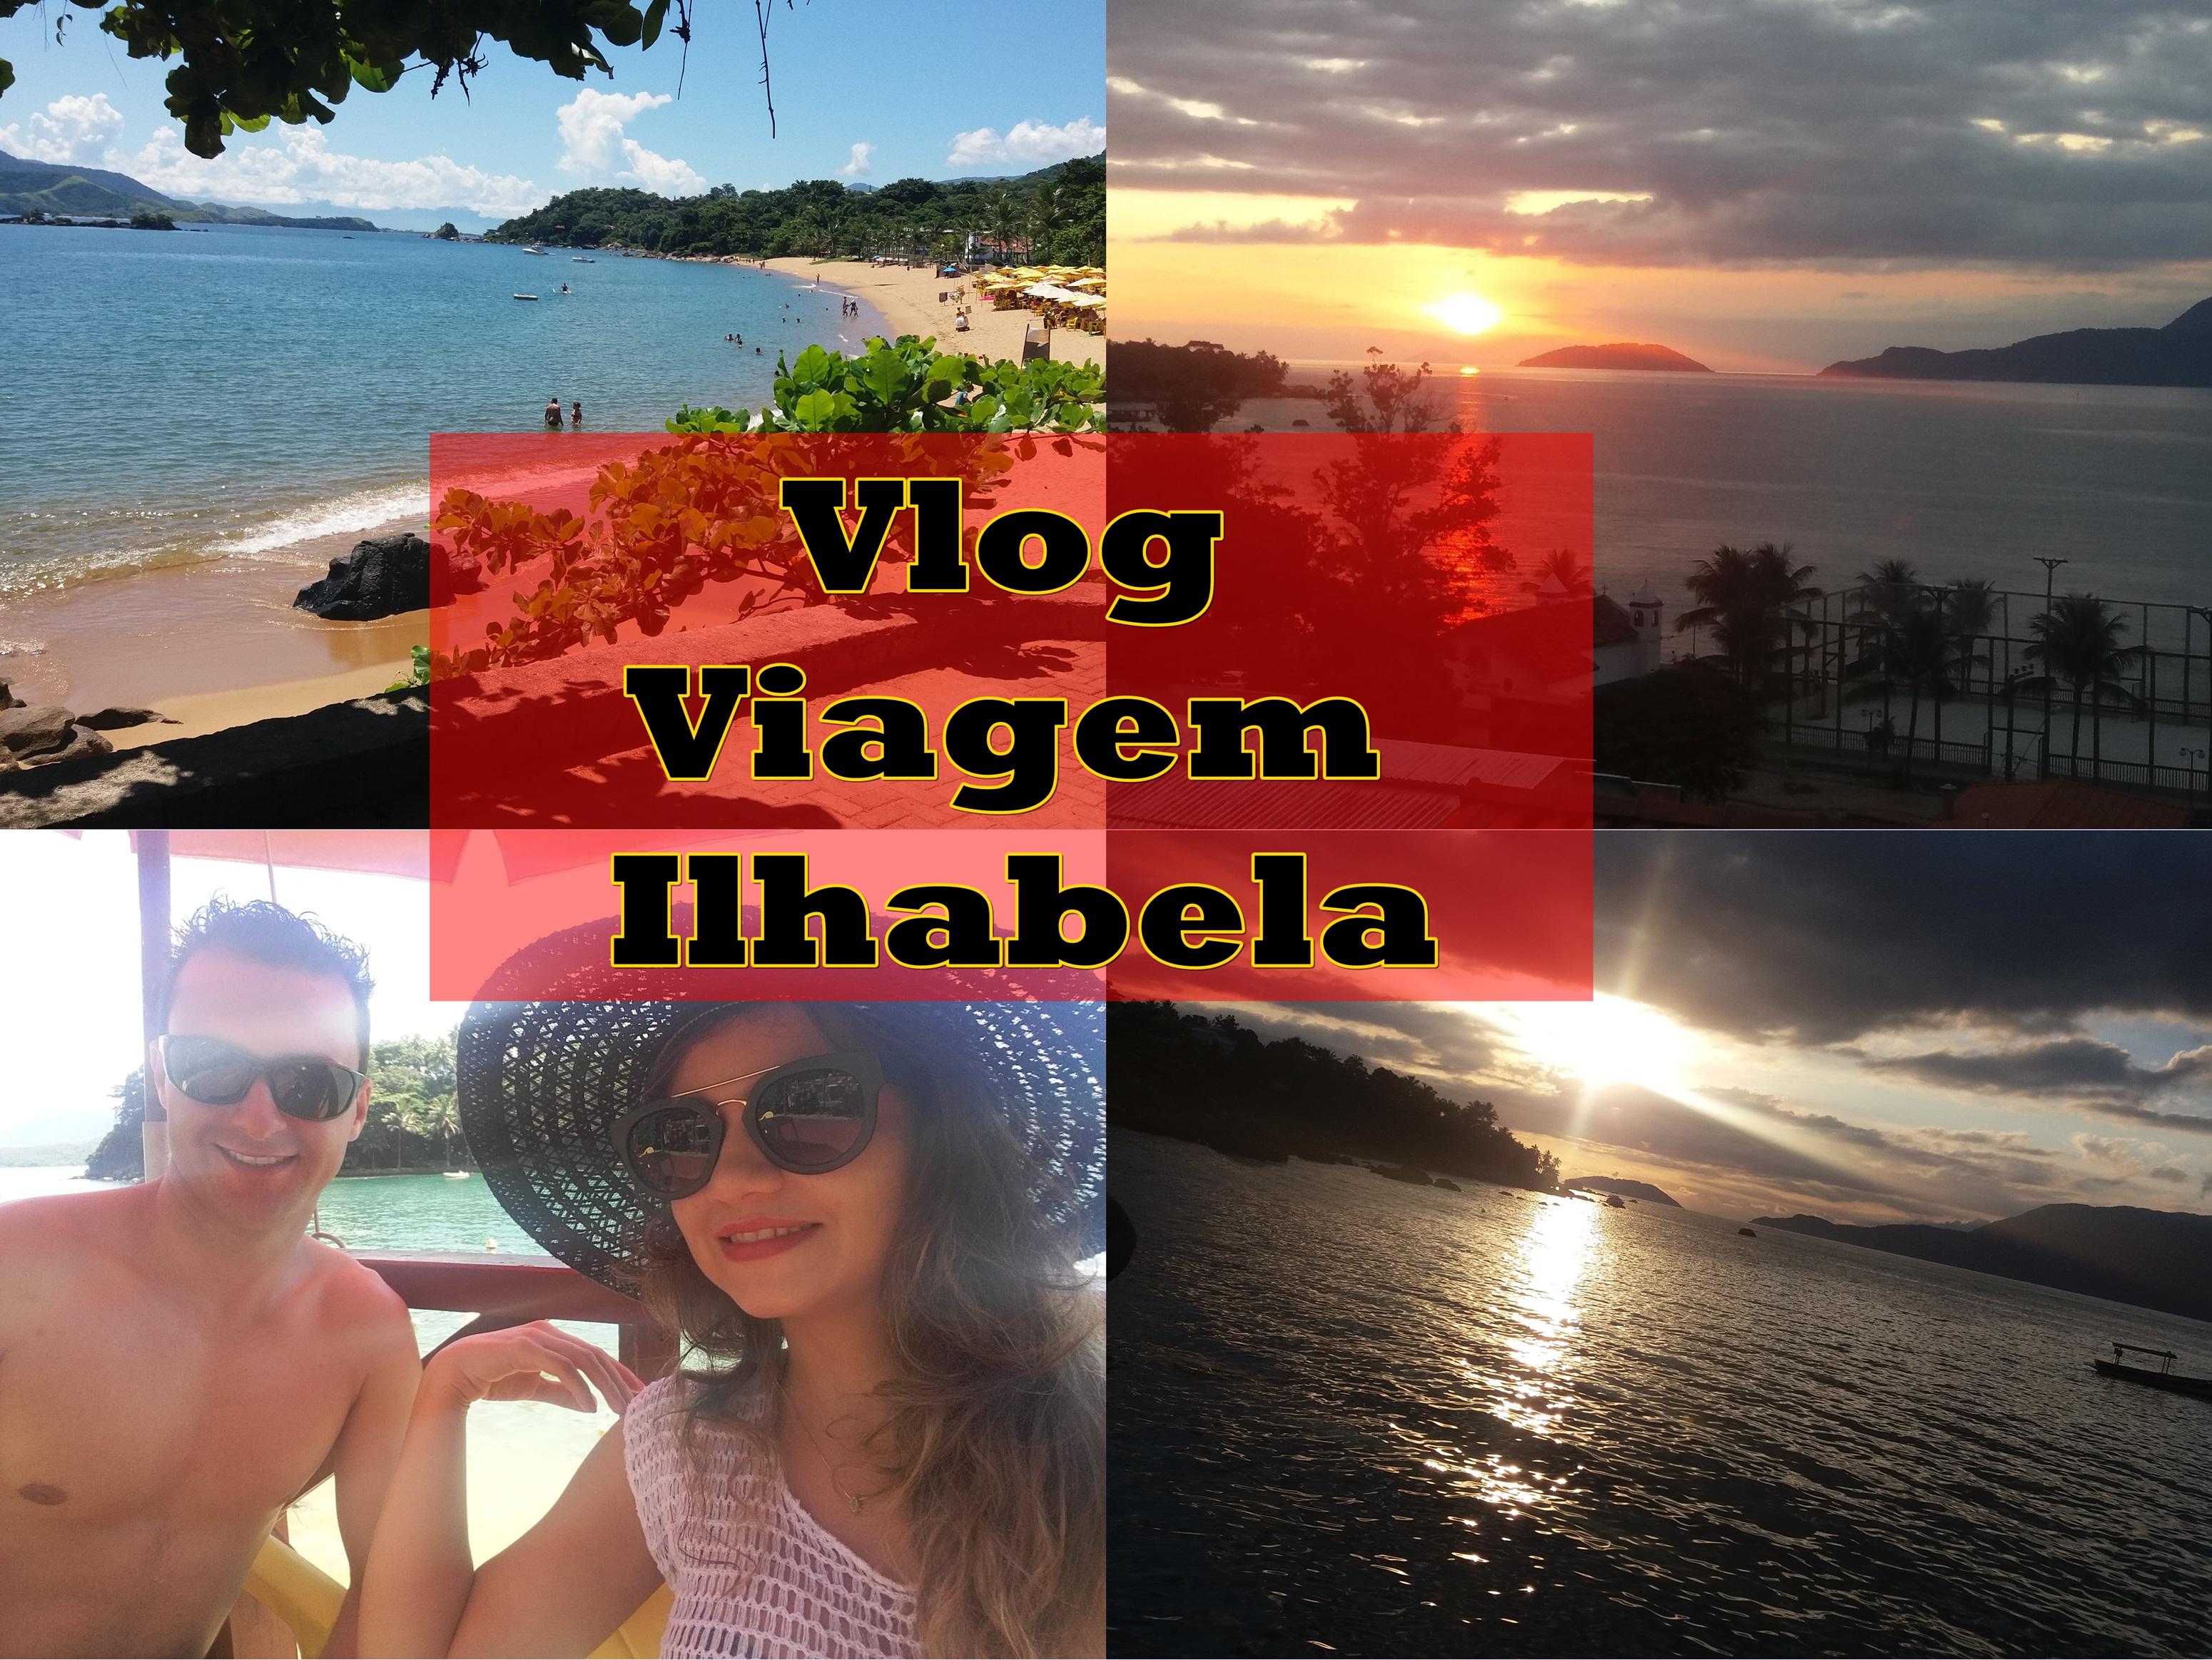 vllog-ilha-belamenor Vídeo: Vlog  e dicas de viagem para Ilhabela